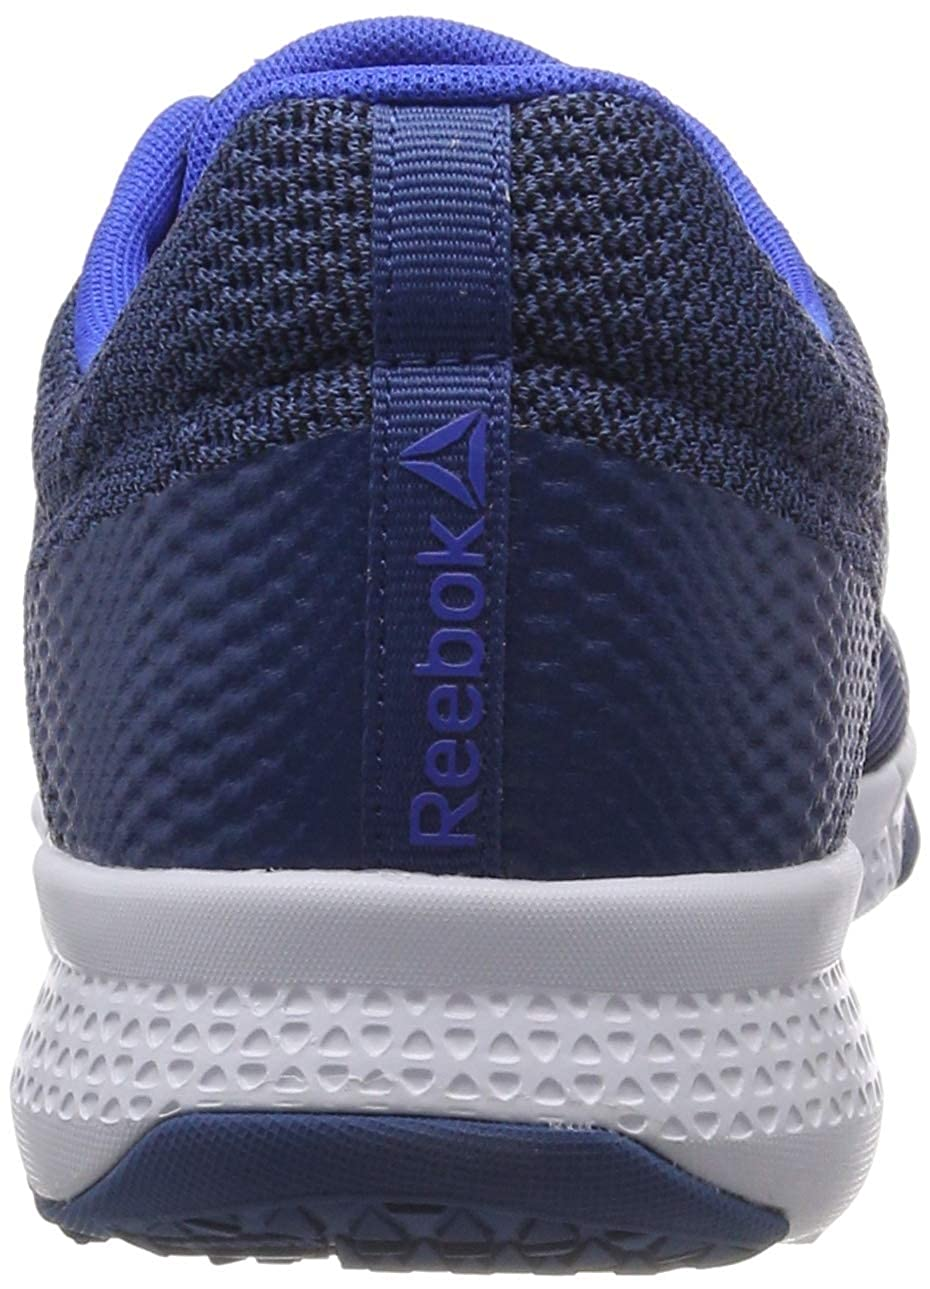 Zapatillas de Deporte para Hombre Reebok Flexile